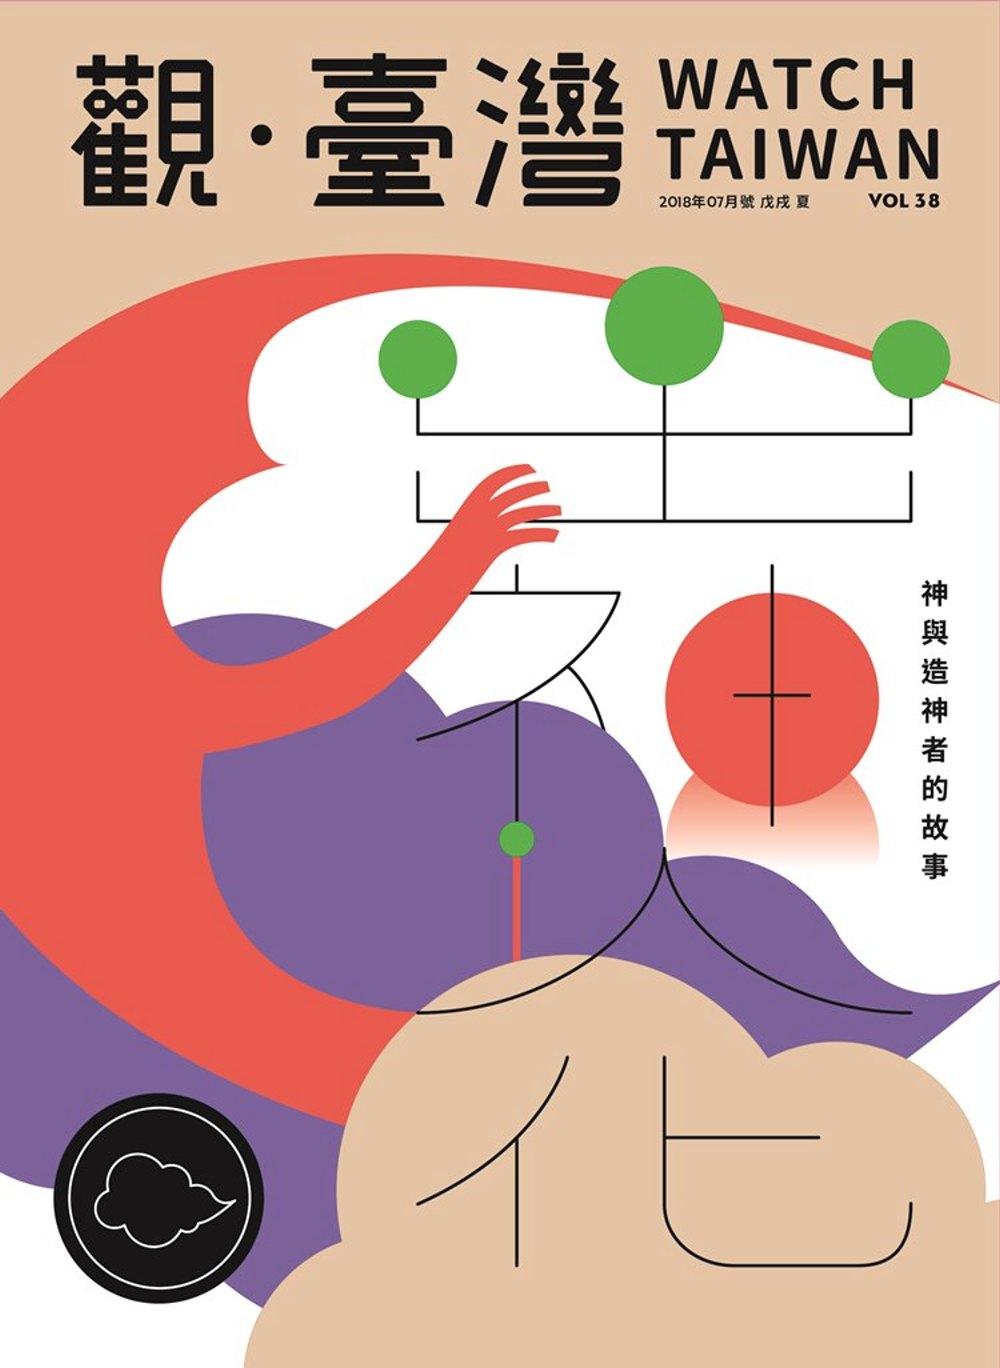 觀臺灣第38期(2018.07):出神人化